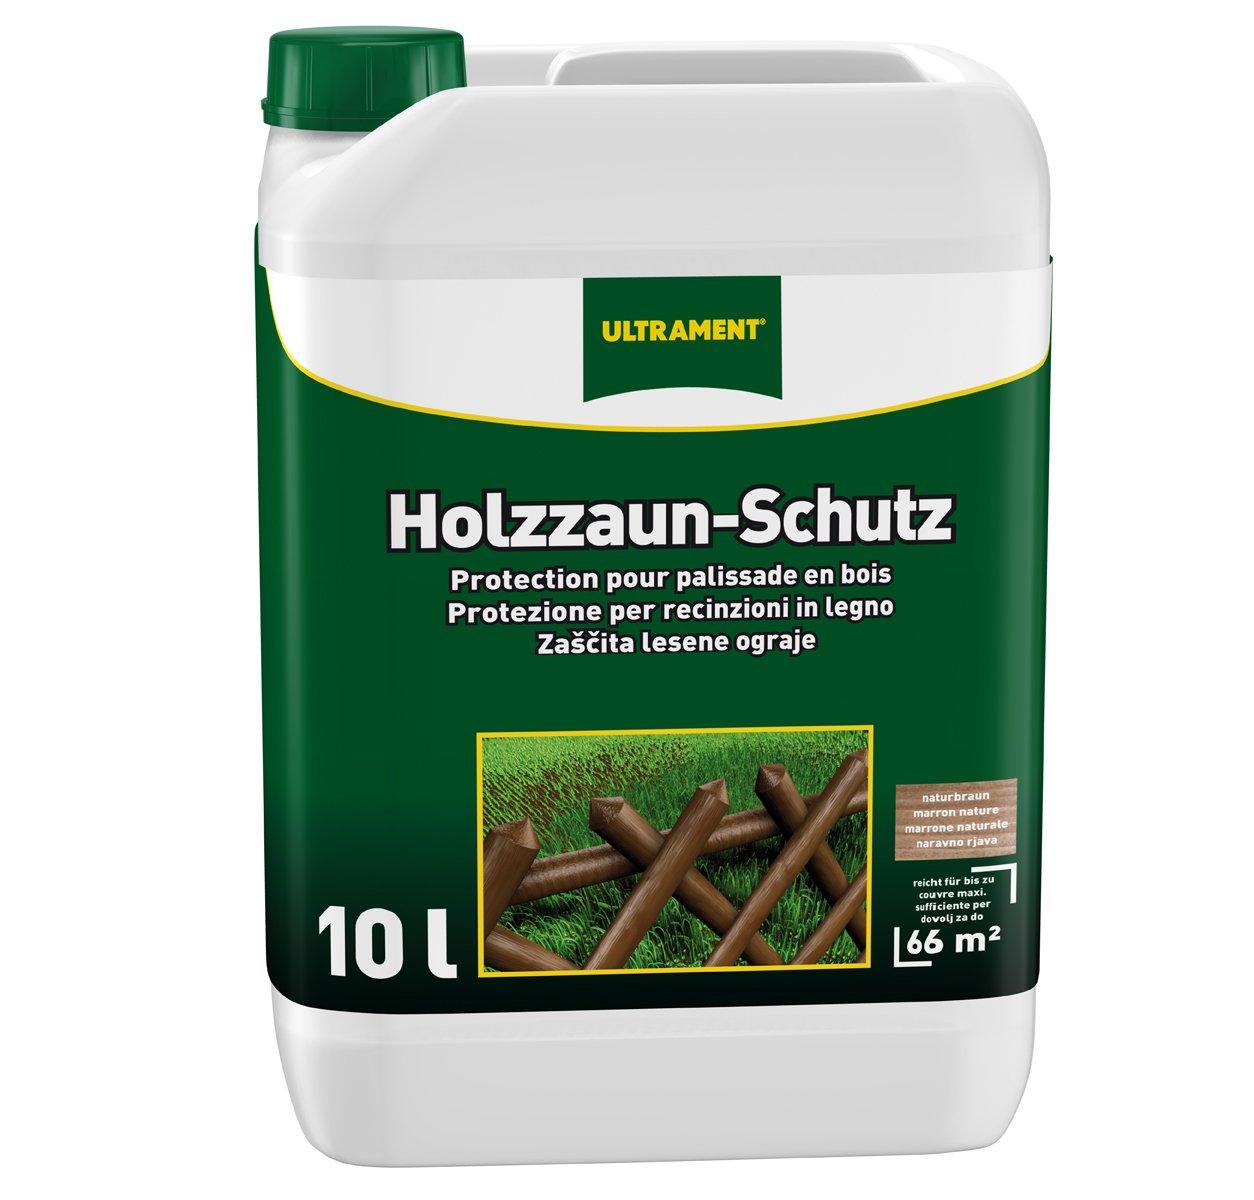 Ultrament Holzzaun-Schutz